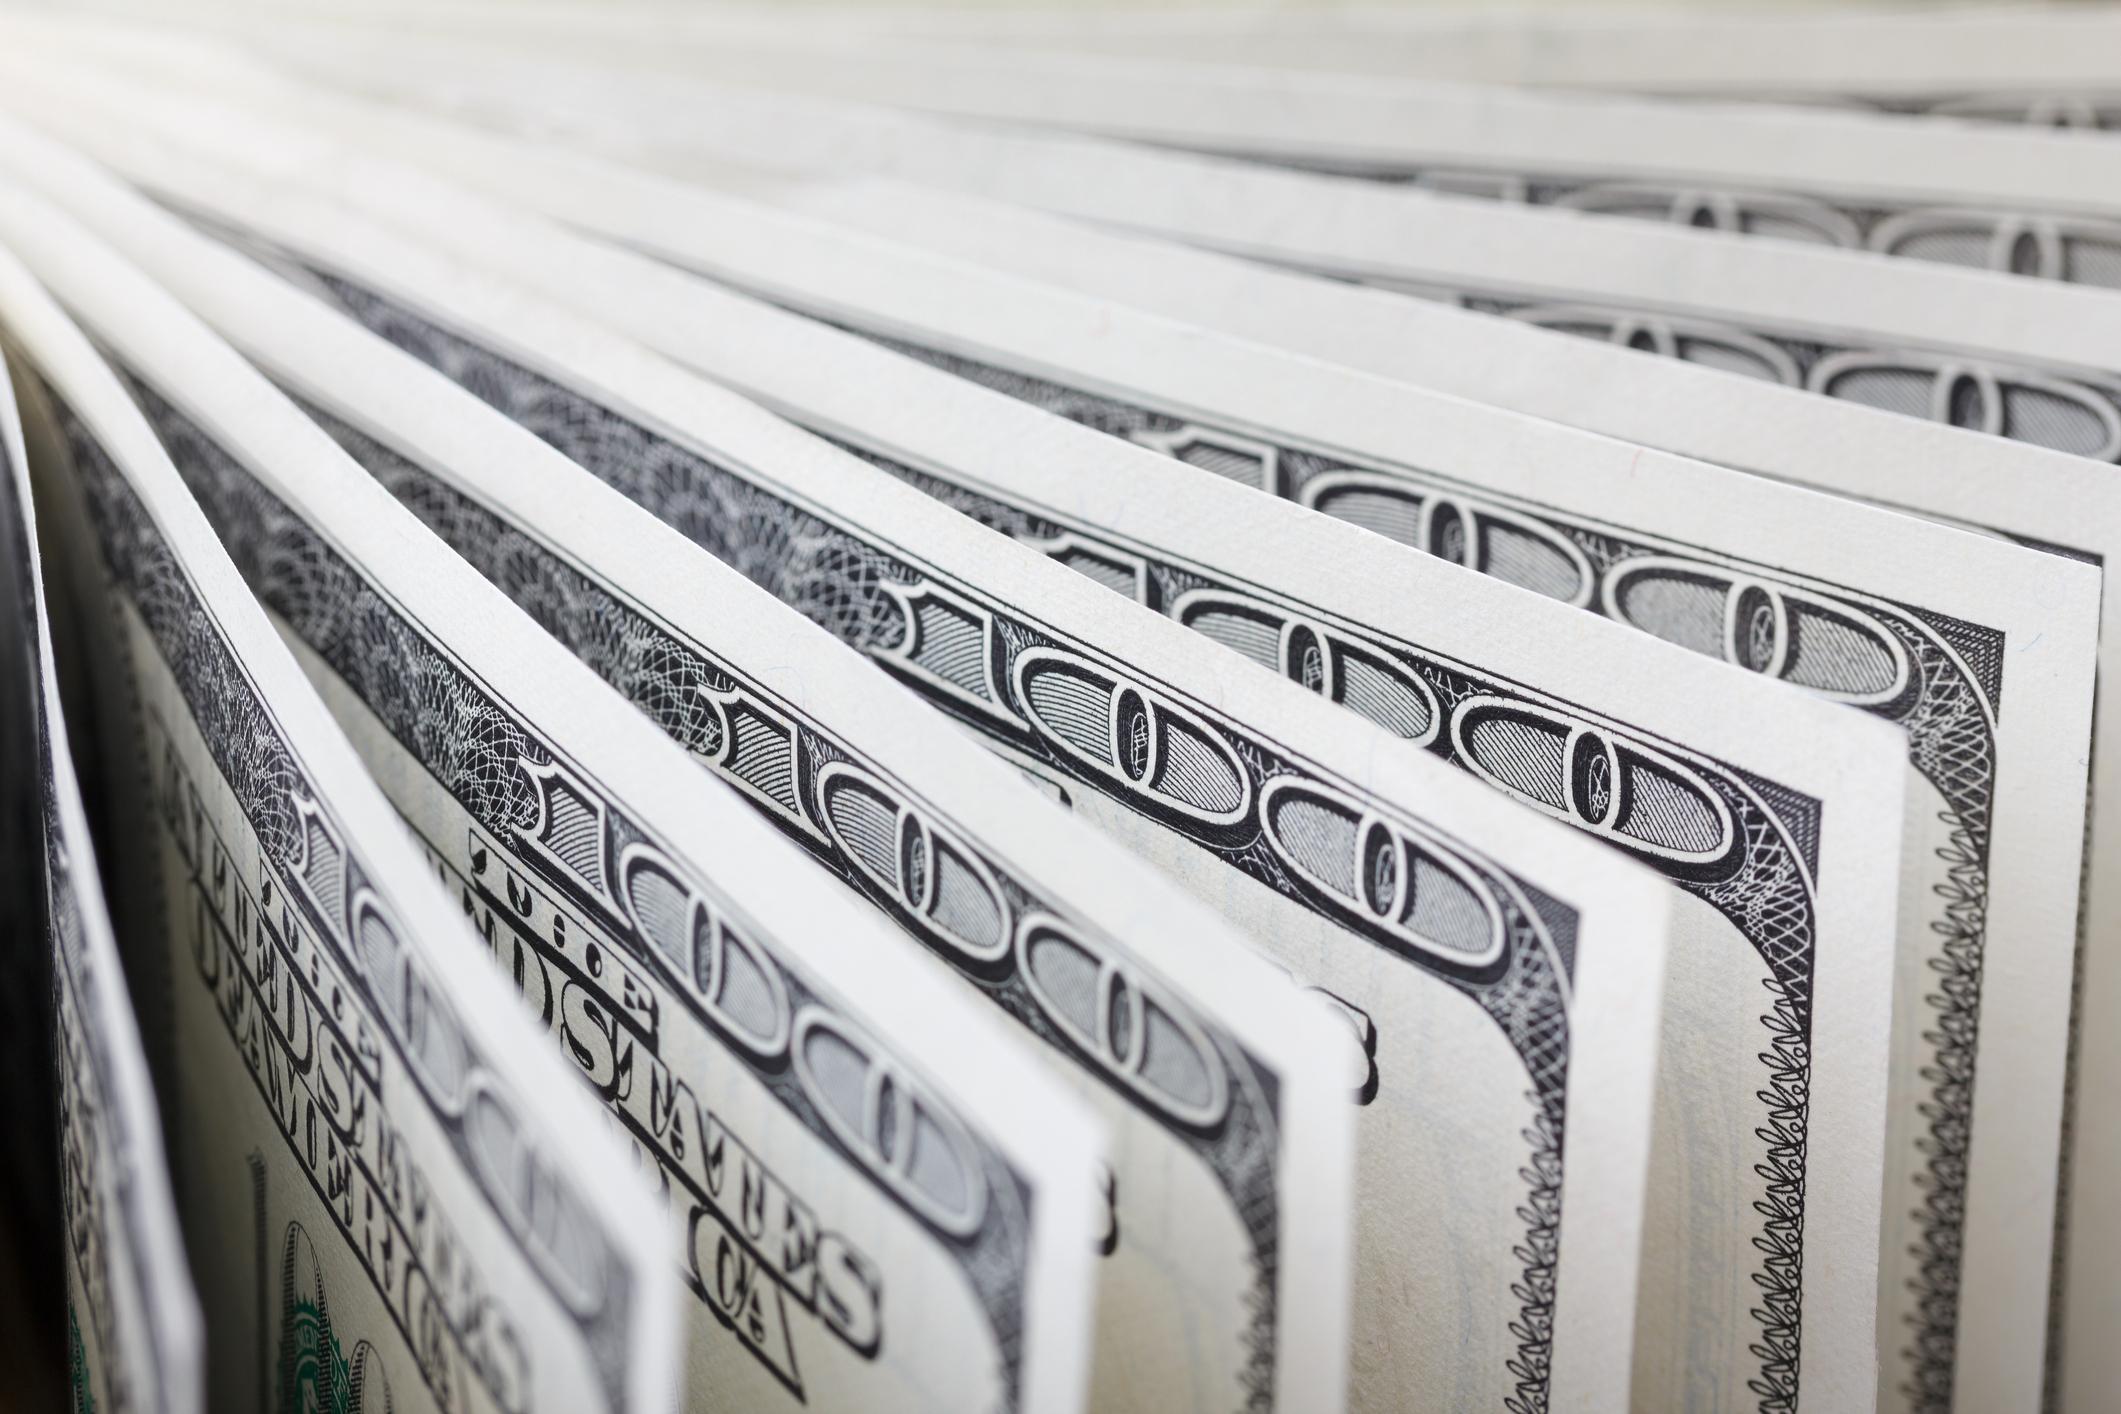 Hundred dollar bills in a row